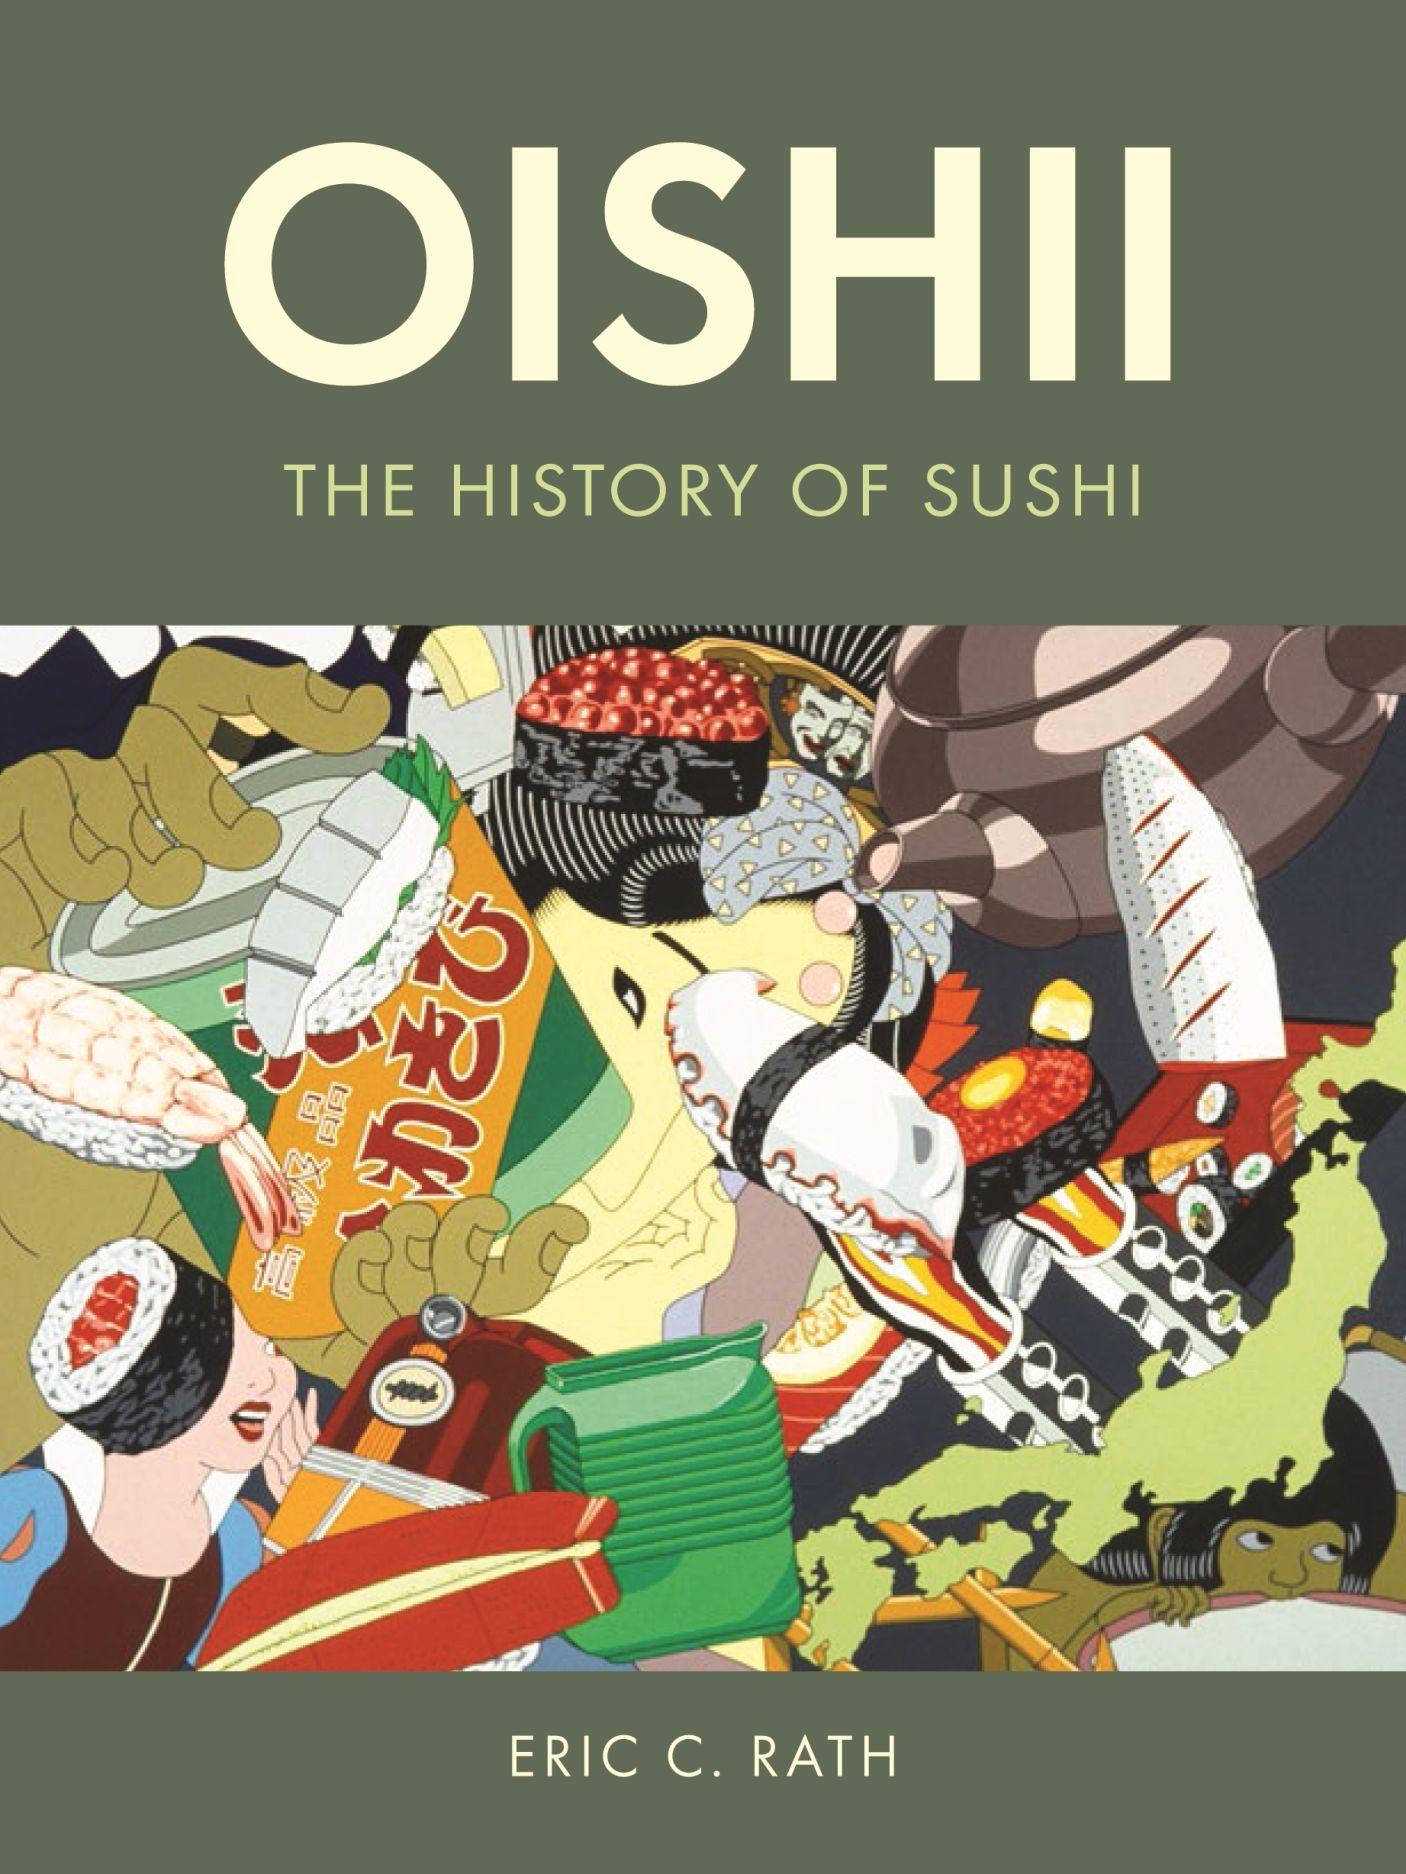 'Oishii